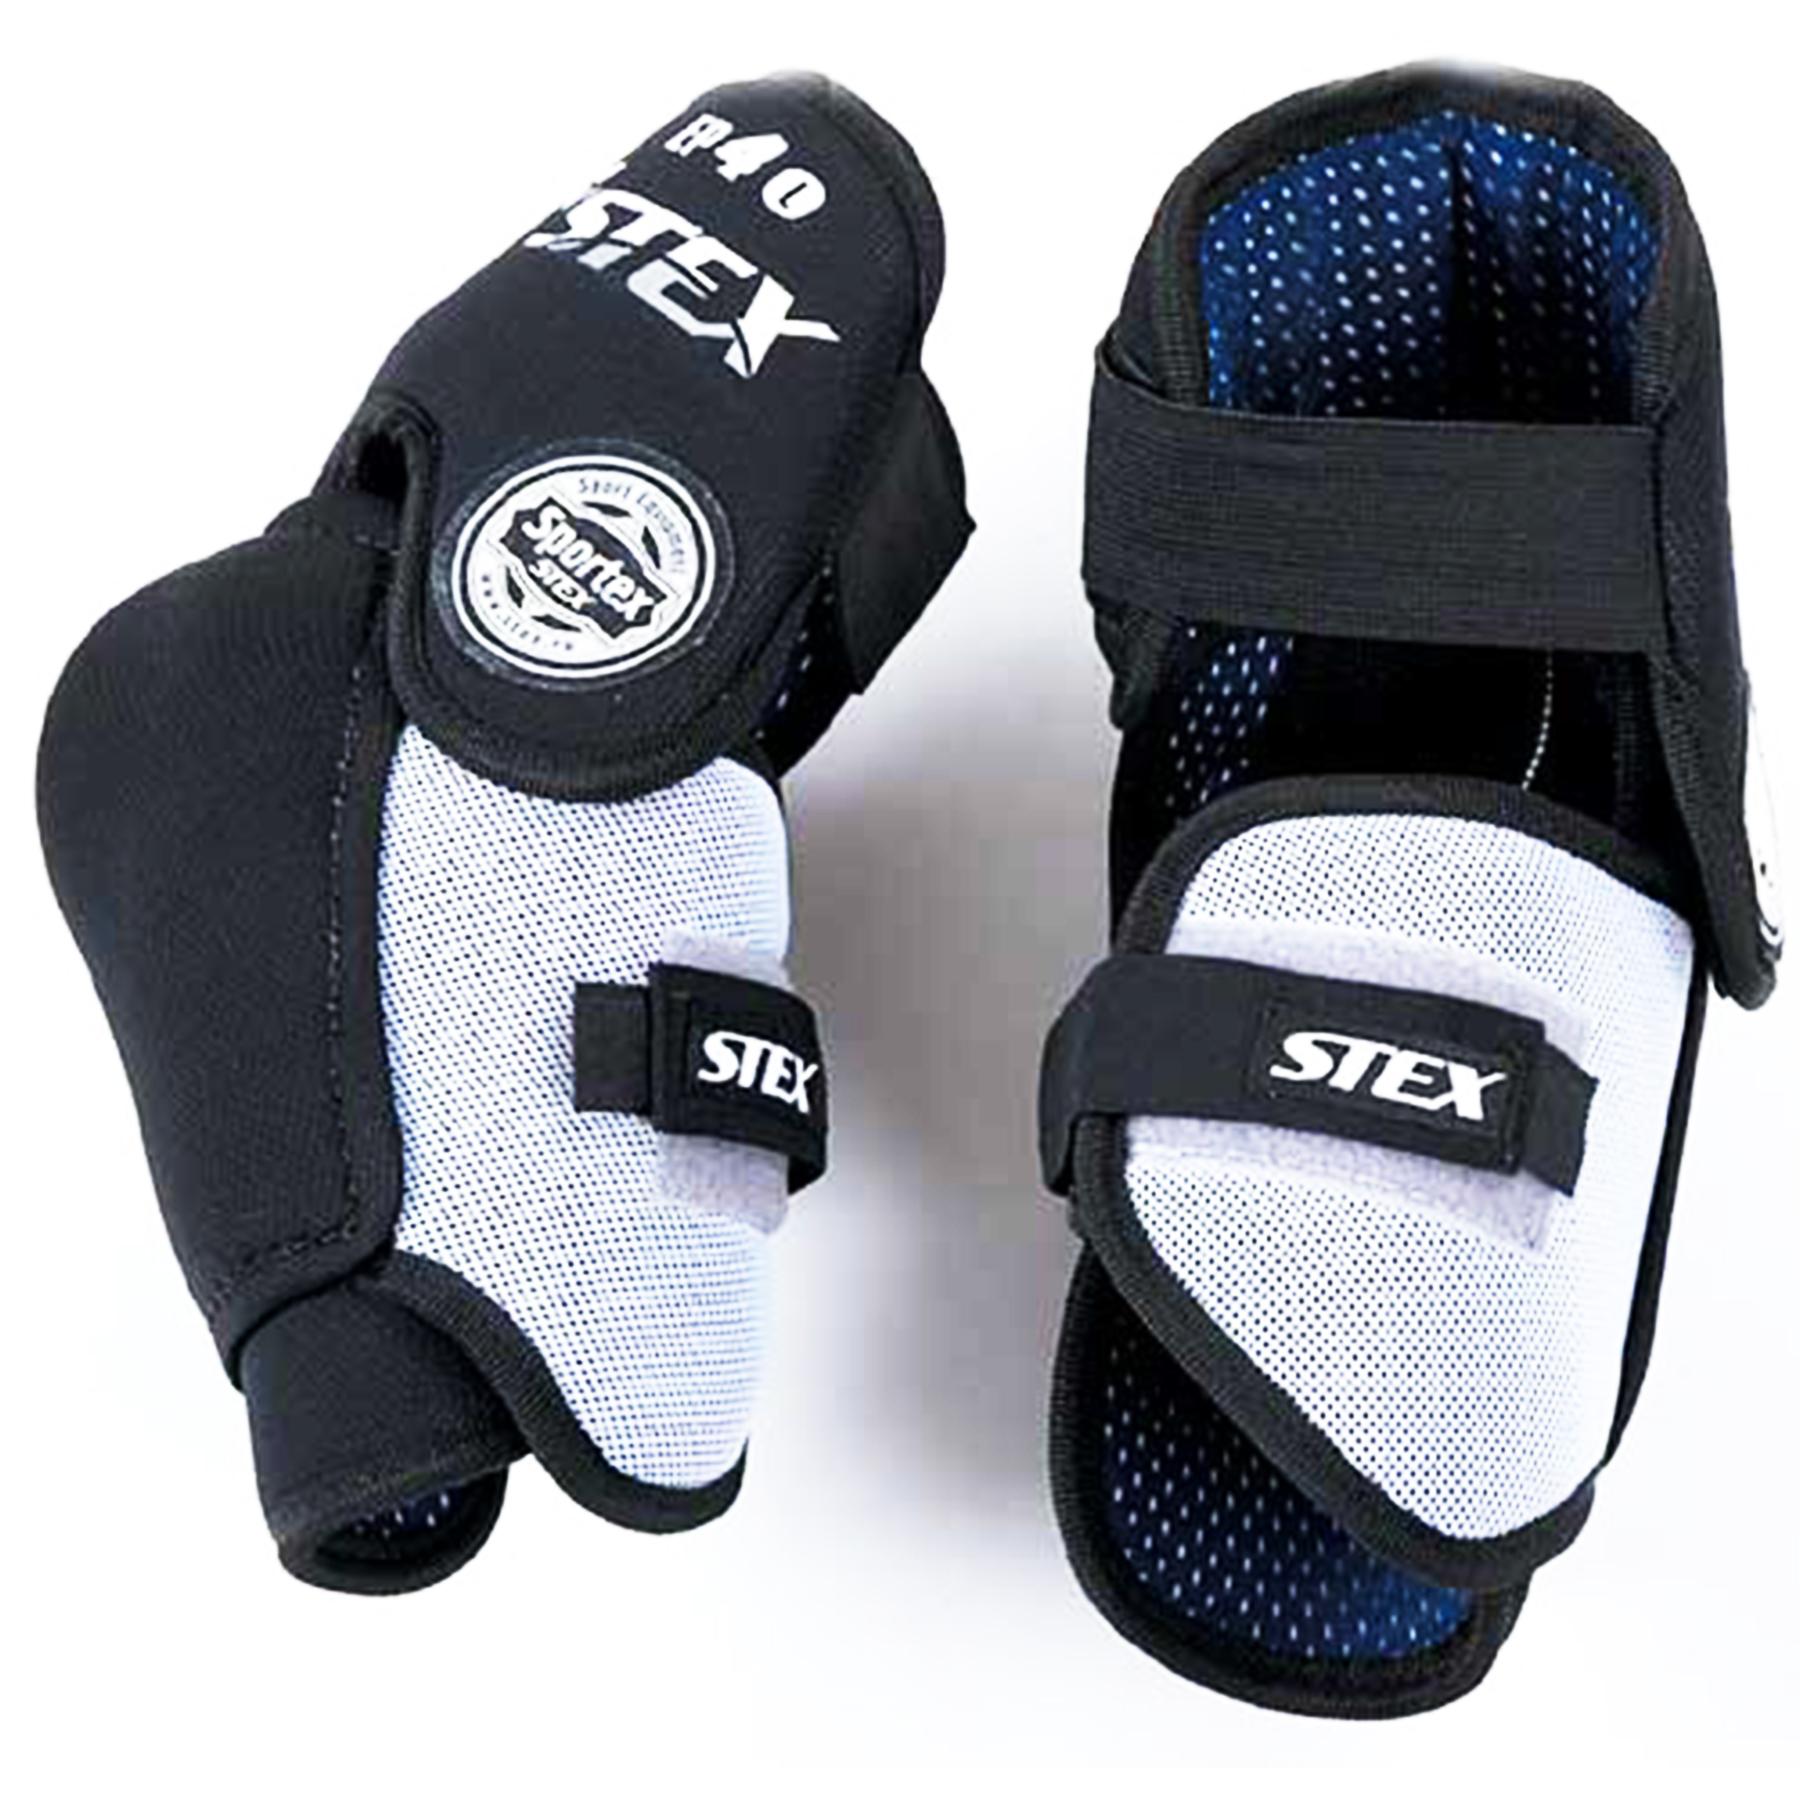 Налокотник хоккейный игрока STEX р-р XL взрослый